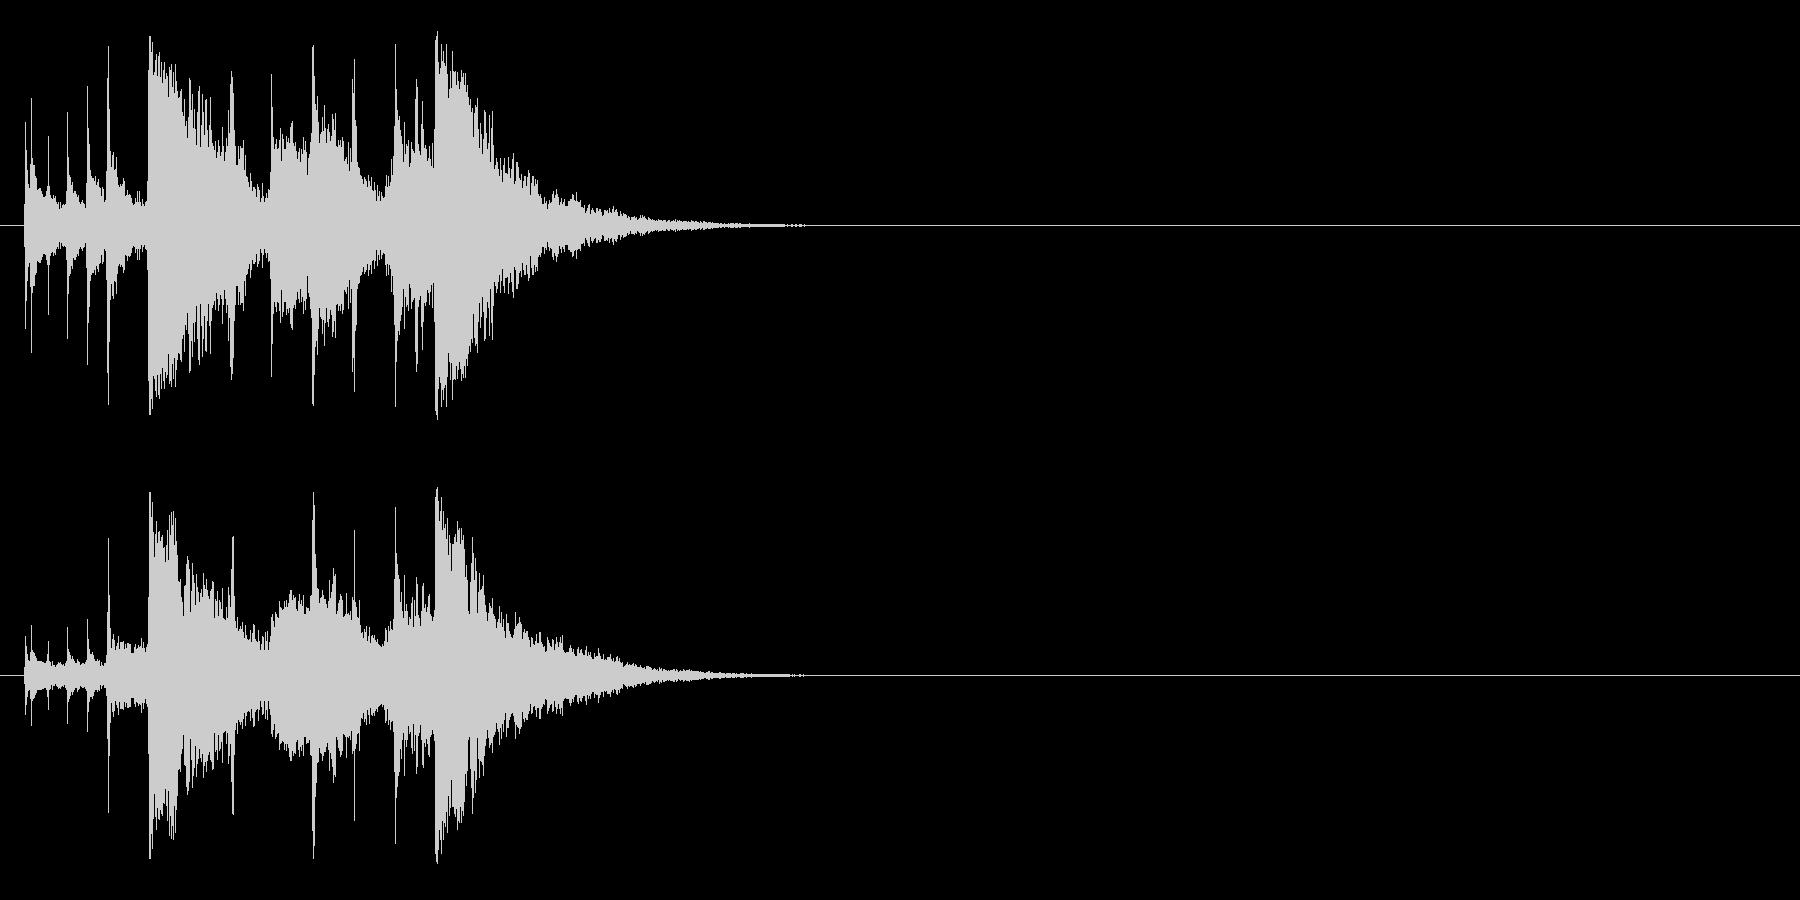 シタールを使用したインド風ジングルの未再生の波形